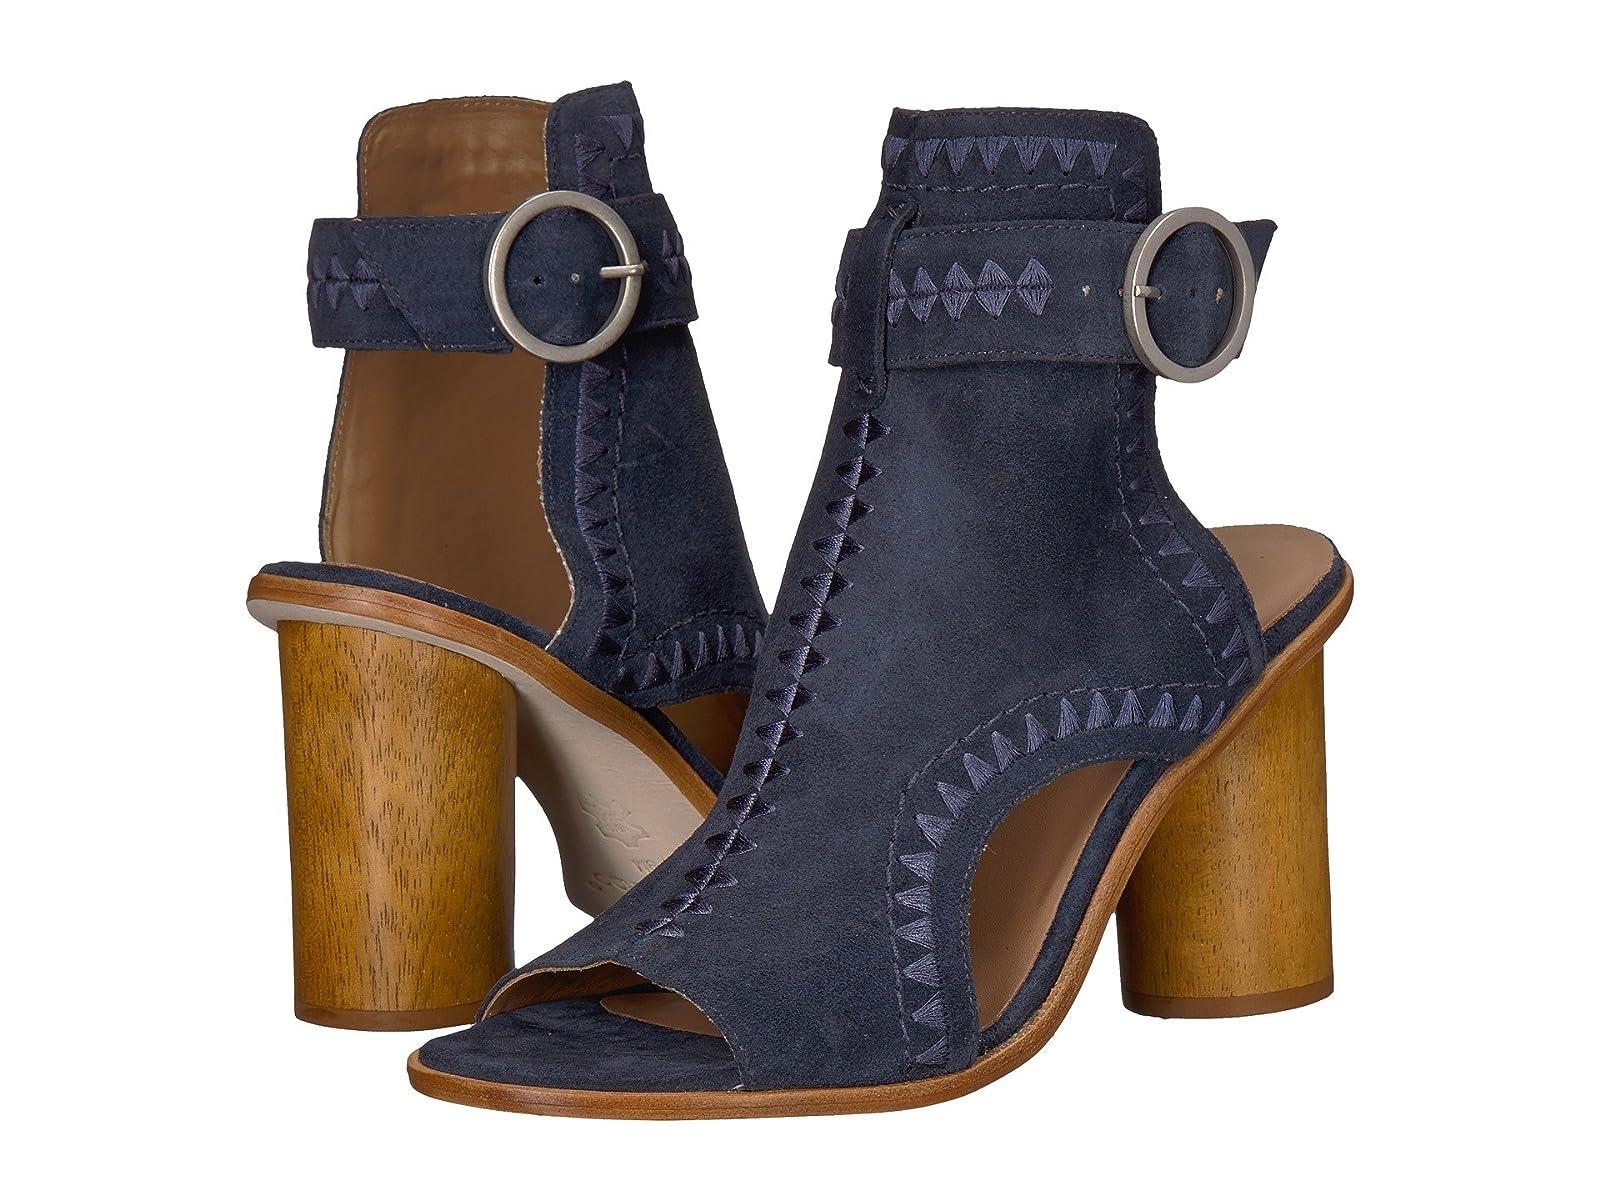 Bernardo Harper BootieAtmospheric grades have affordable shoes